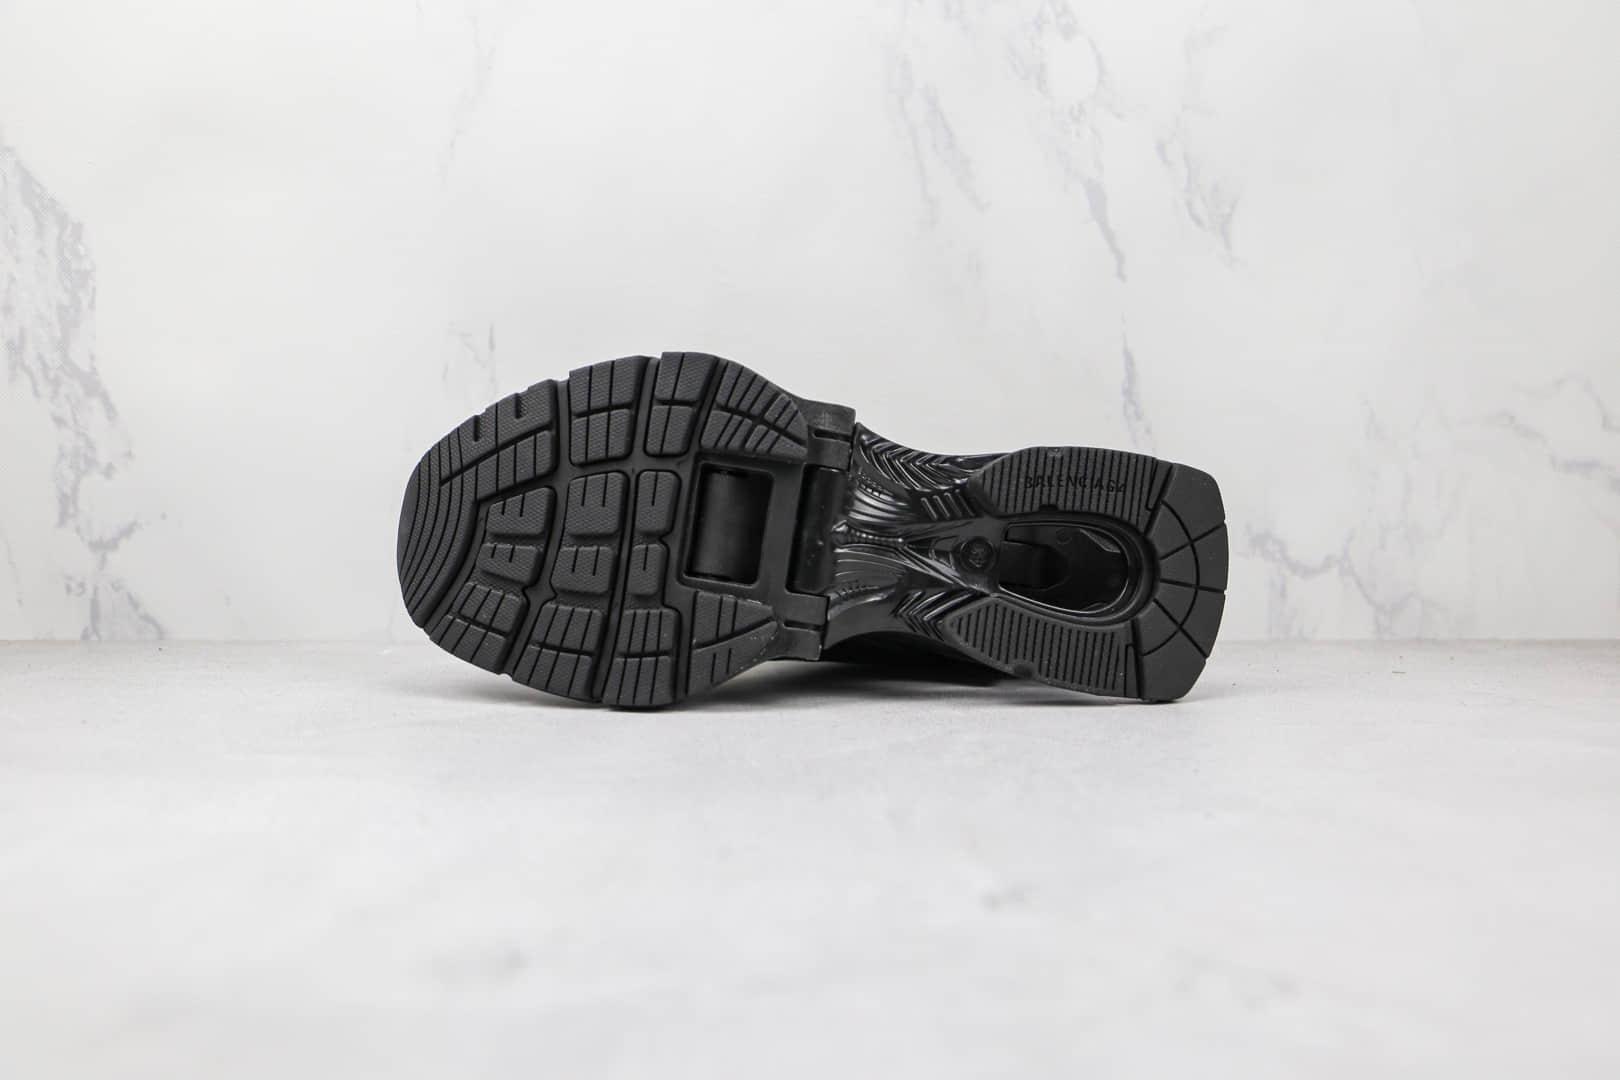 巴黎世家Balenciaga X-Pander纯原版本黑色弹簧鞋增高复古做旧老爹鞋原盒原标原楦头纸板打造